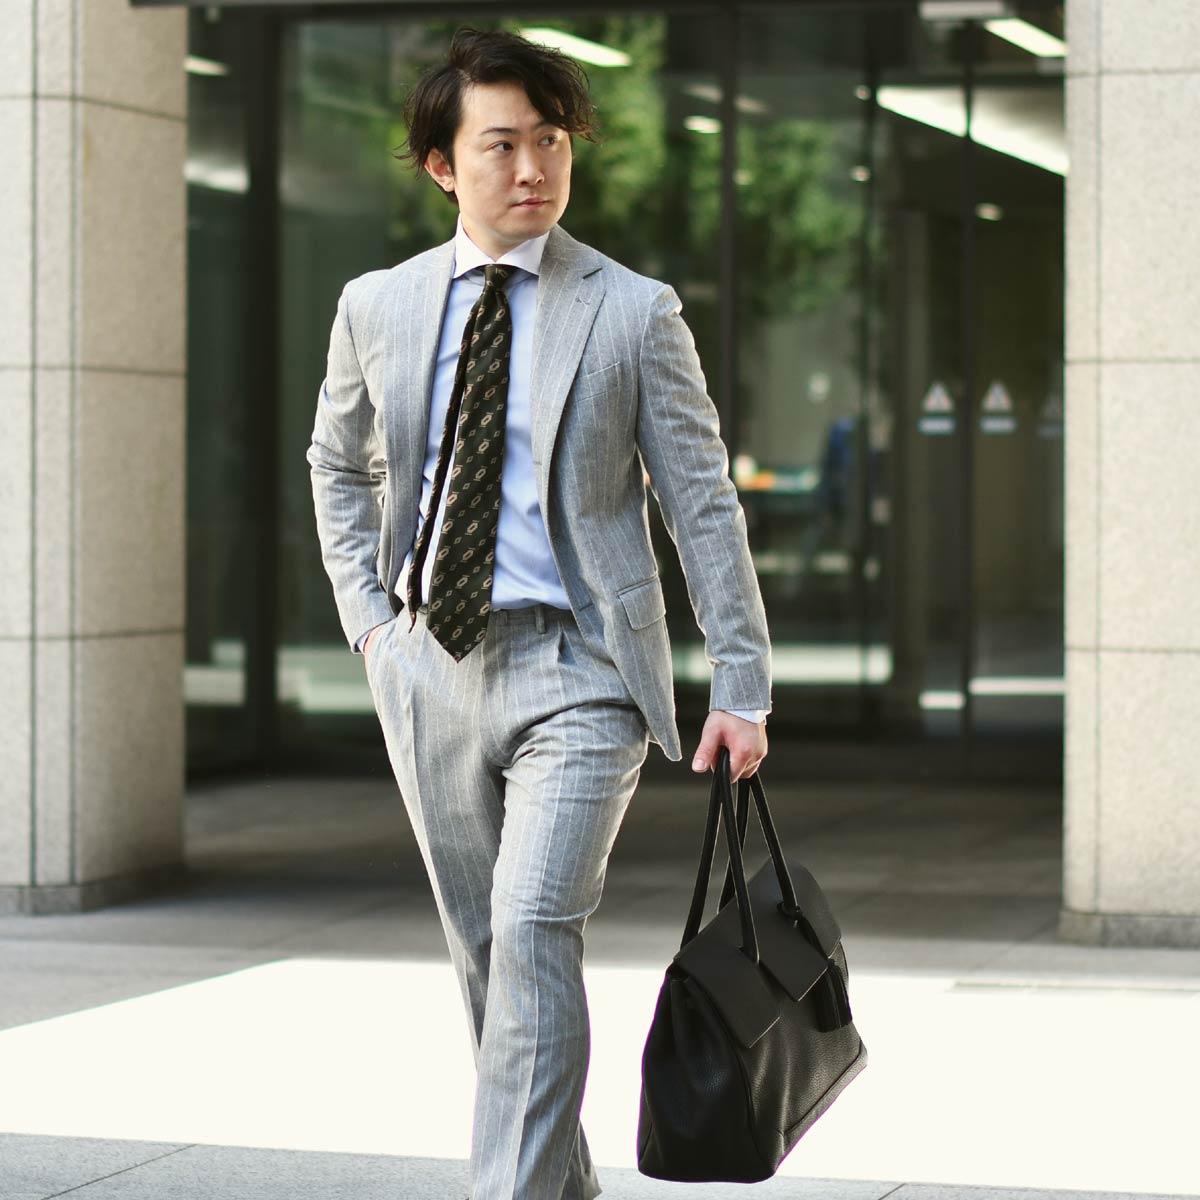 気品と風格を纏う、洗練されたスーツスタイル!!De Petrillo【デ ペトリロ】